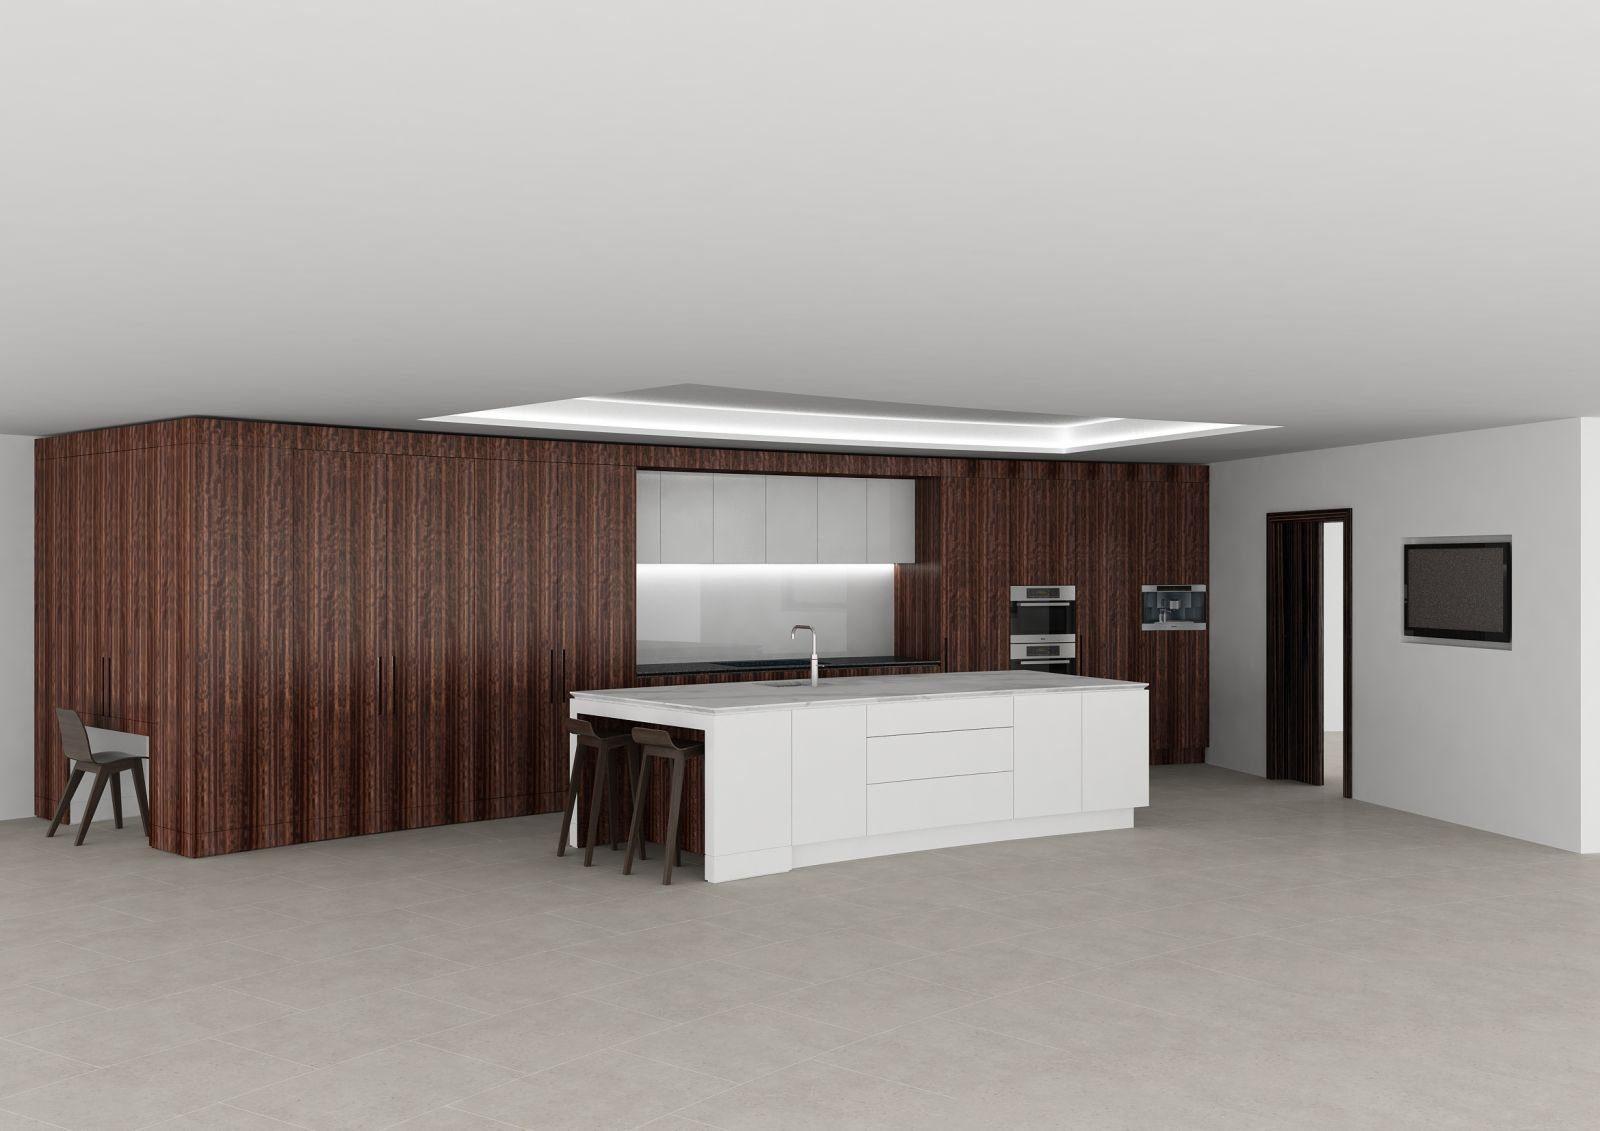 Brammell kitchen V2 - View 1 - Closed - No Column